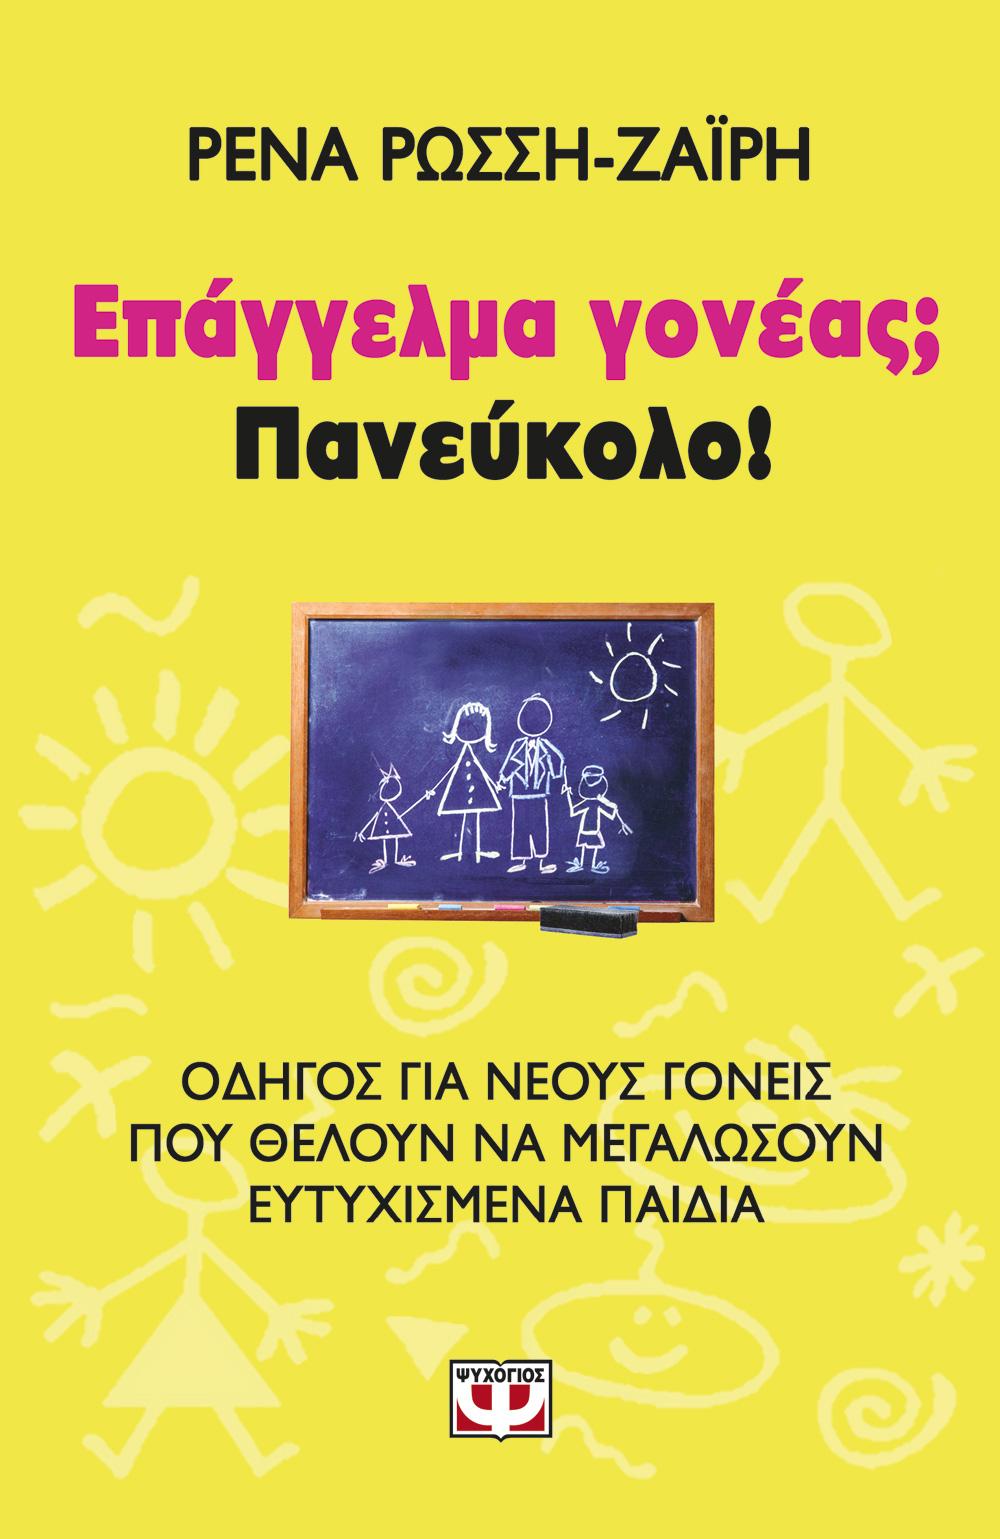 Επάγγελμα Γονέας; Πανεύκολο, της Ρένας Ρώσση-Ζαϊρη bibliopoleio biblia poikila uemata